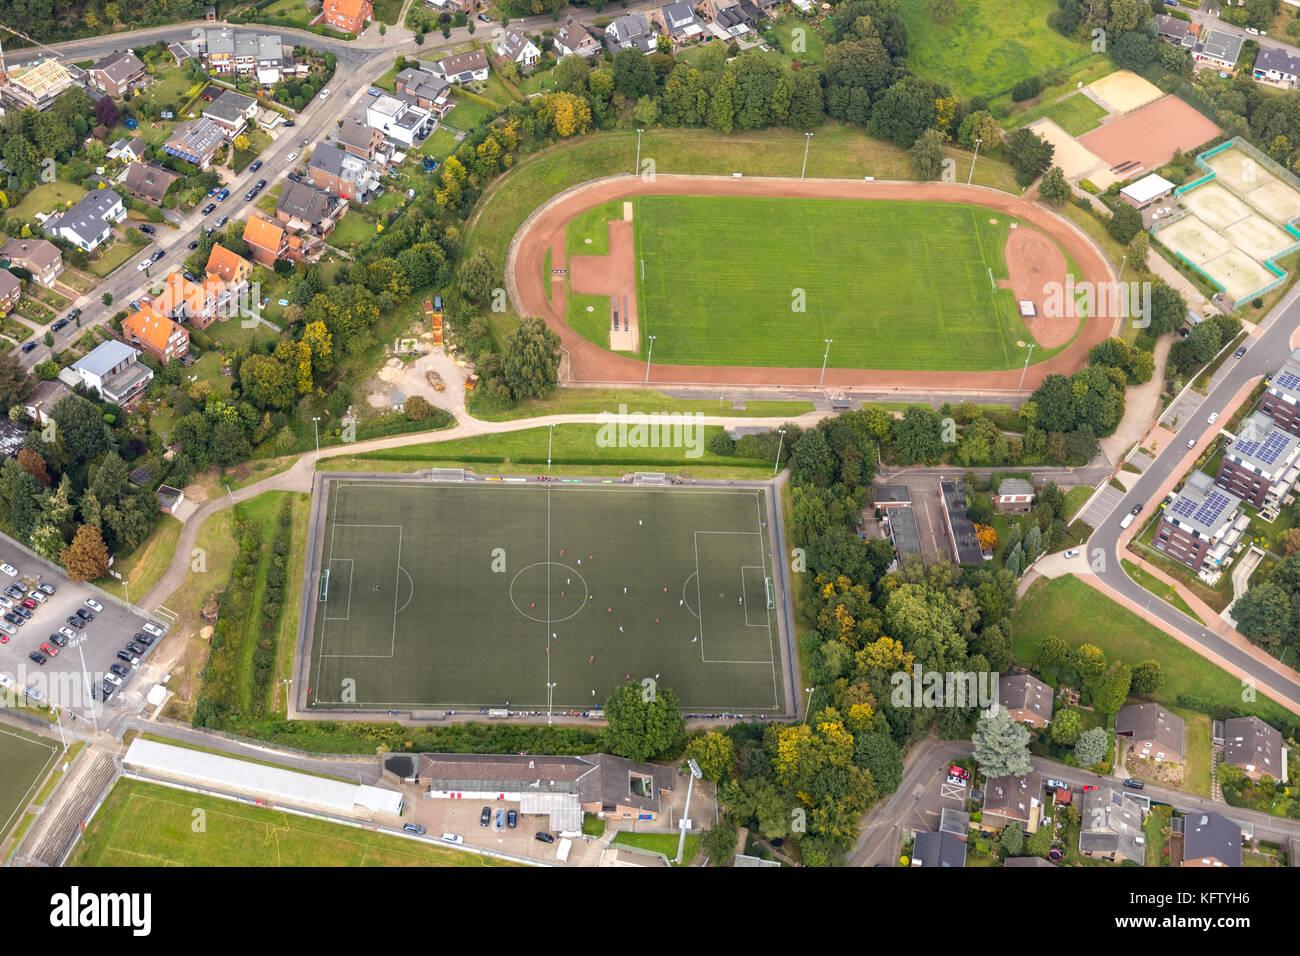 Fußballstadion, Gustav-Hoffmann-Stadion, Sportanlagen,  Kleve, Niederrhein, Nordrhein-Westfalen, Deutschland - Stock Image